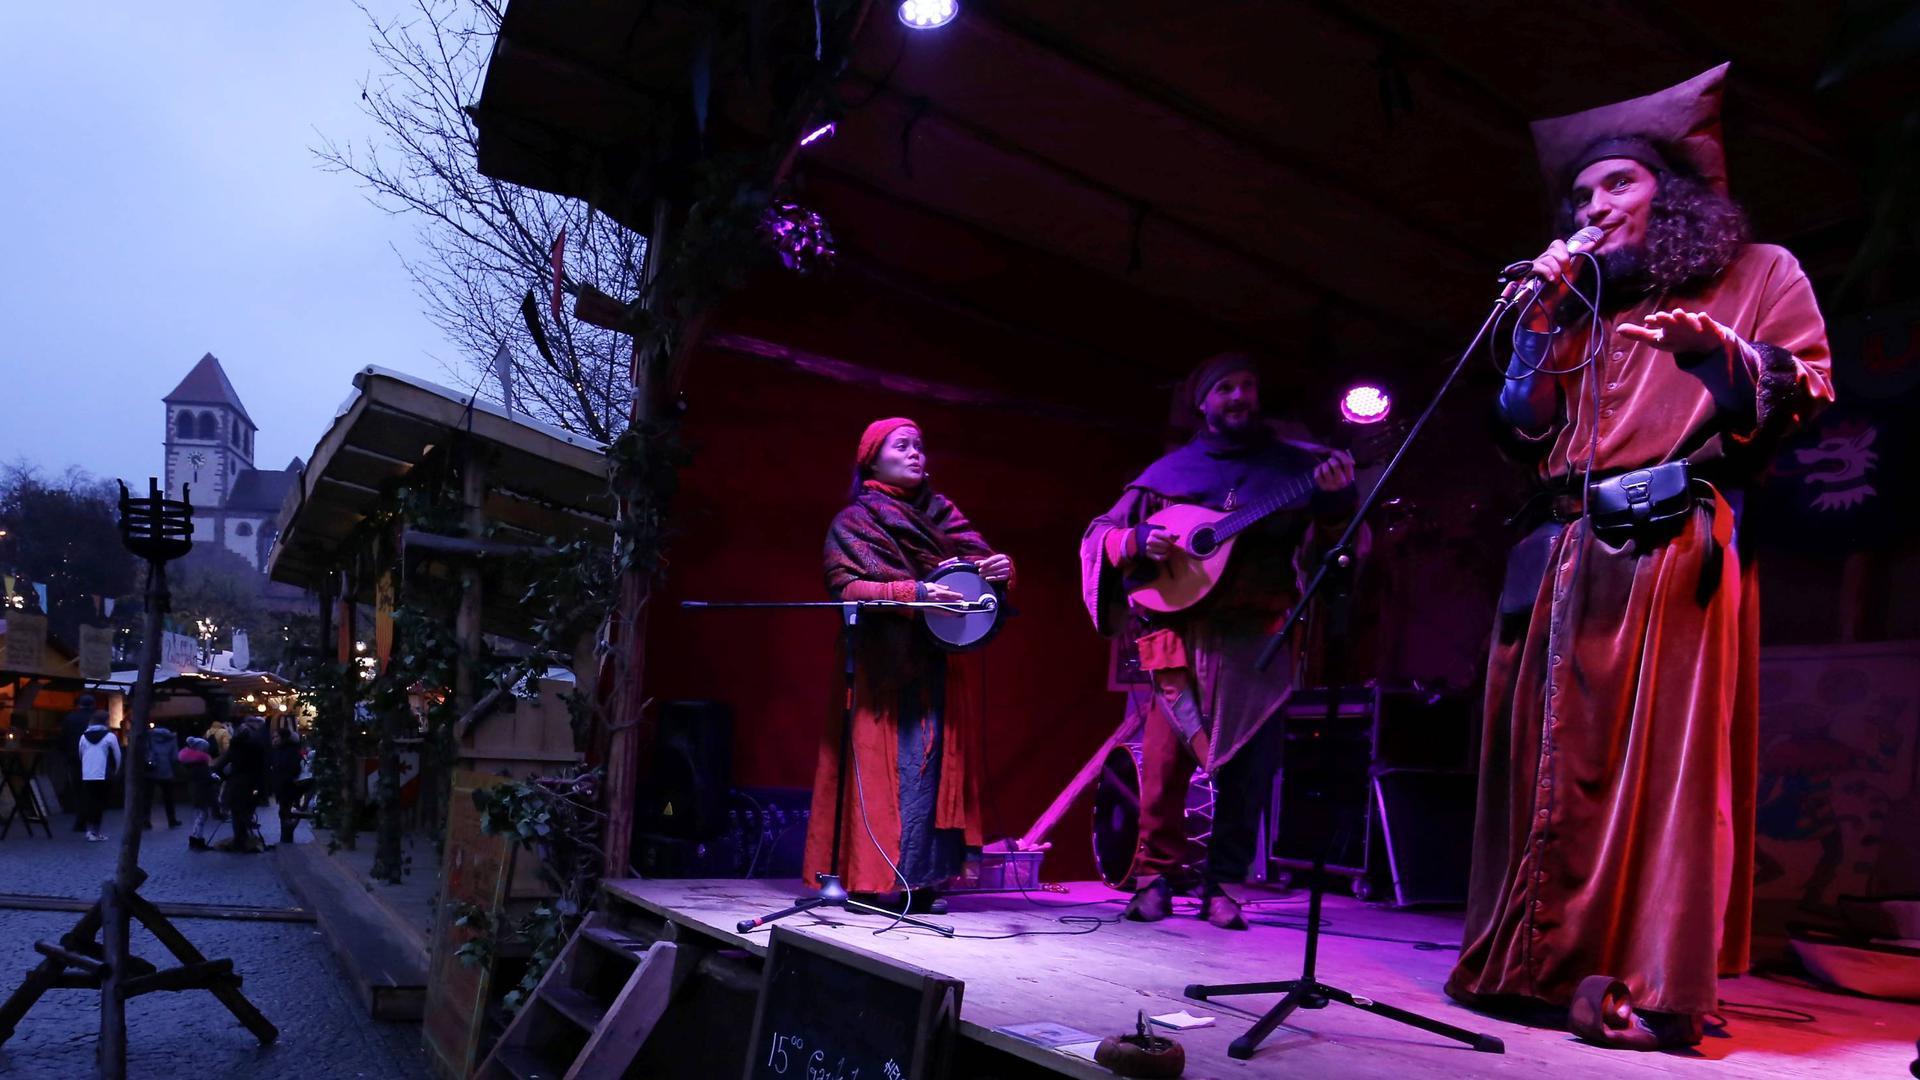 Drei Menschen zeigen auf einer Bühne auf dem Mittelaltermarkt in Pforzheim eine Musikaufführung.